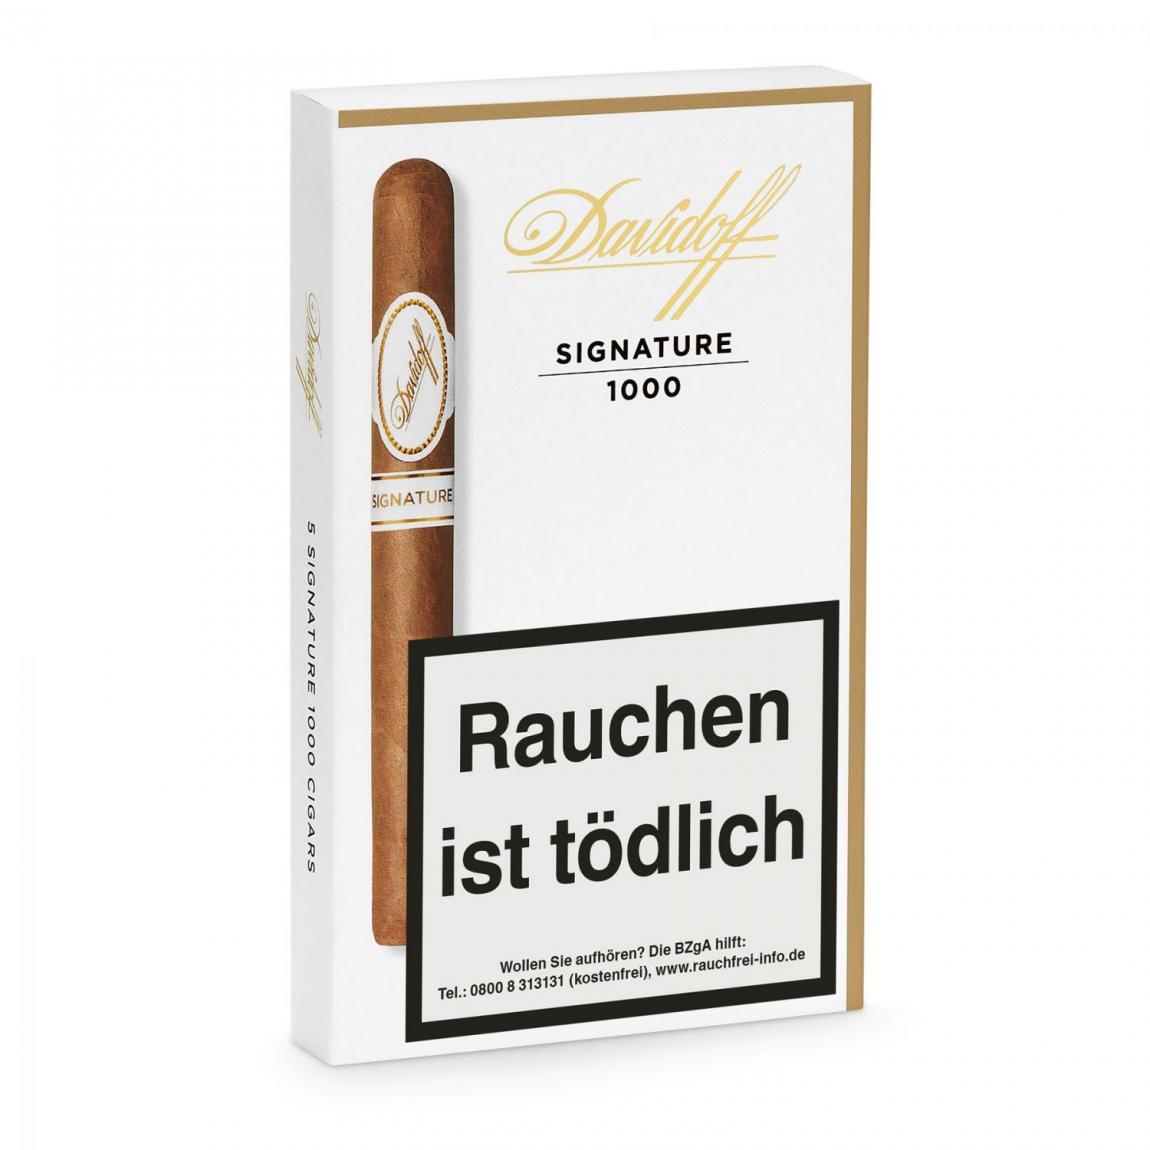 Davidoff »Signature« 1000, 5er Schachtel